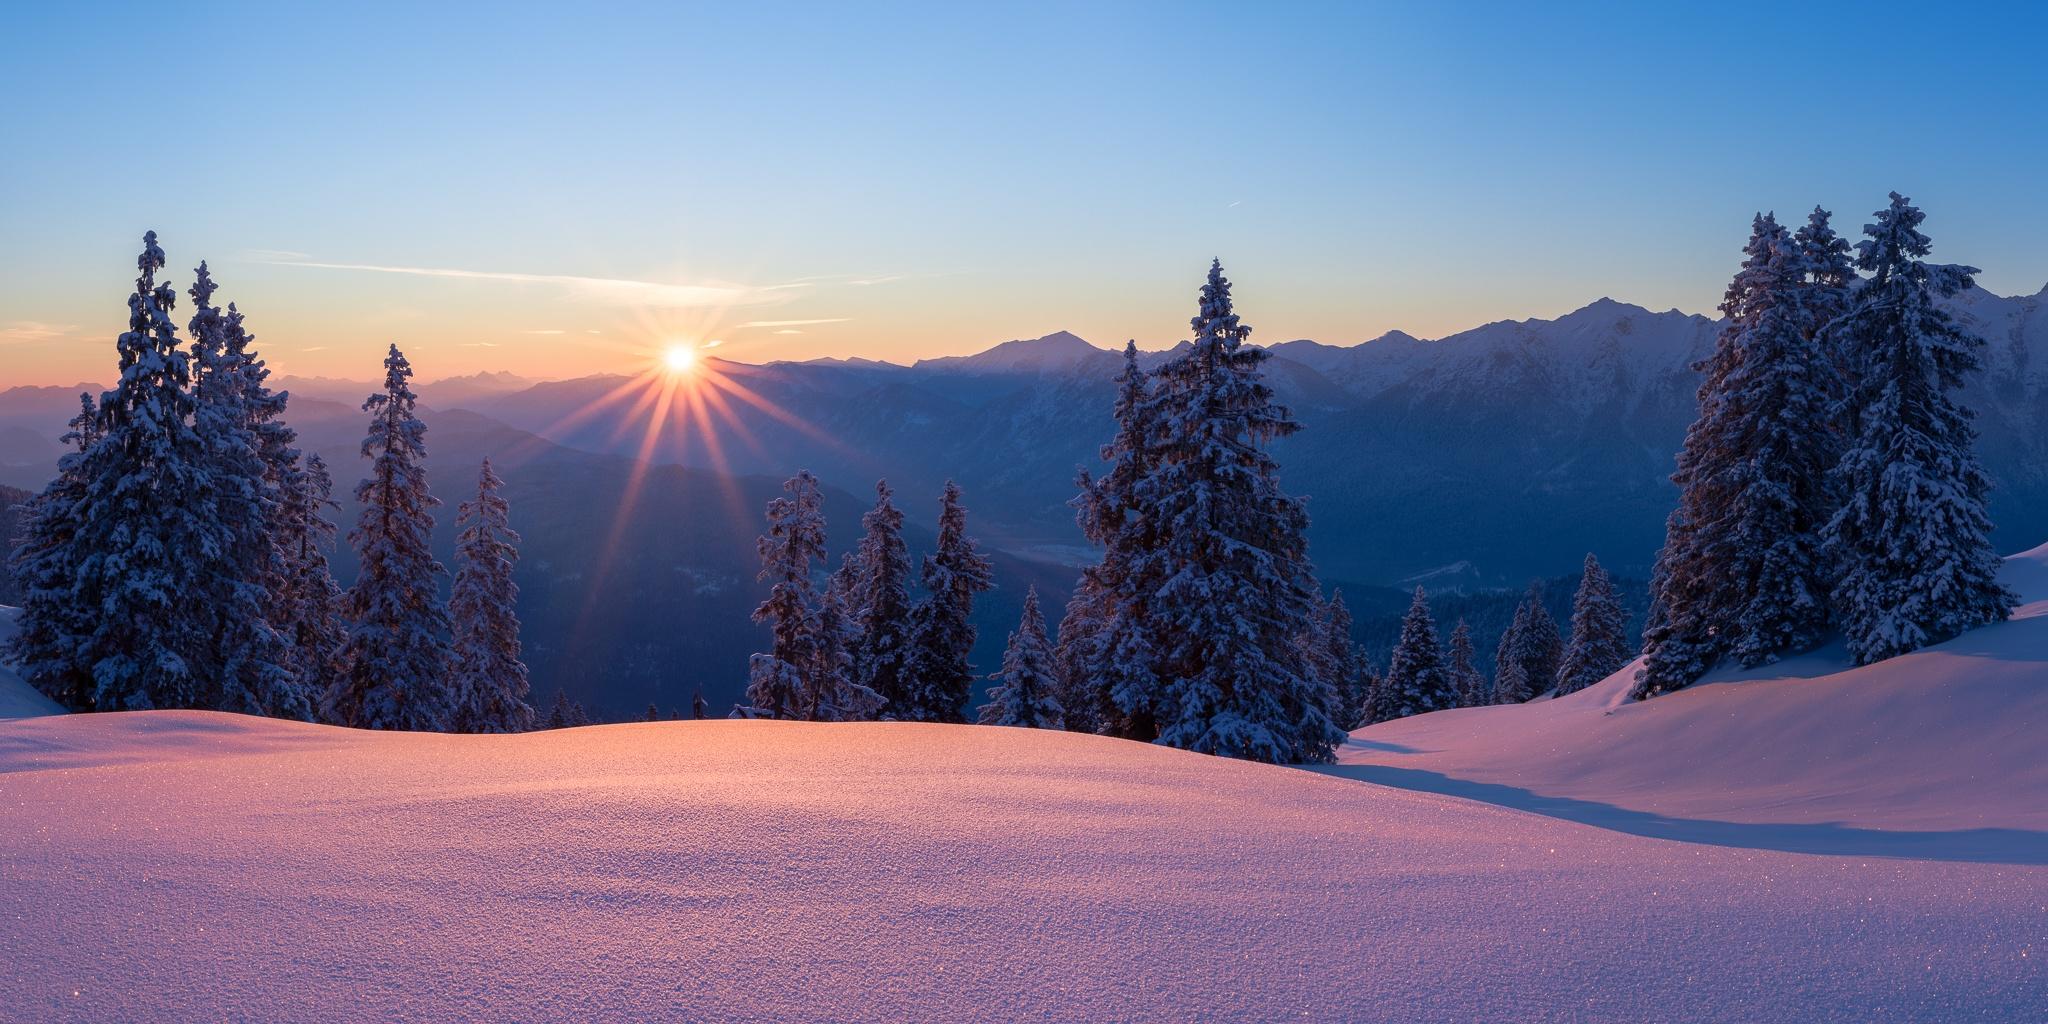 Sonnenaufgang auf der Wallgauer Alm 2:1